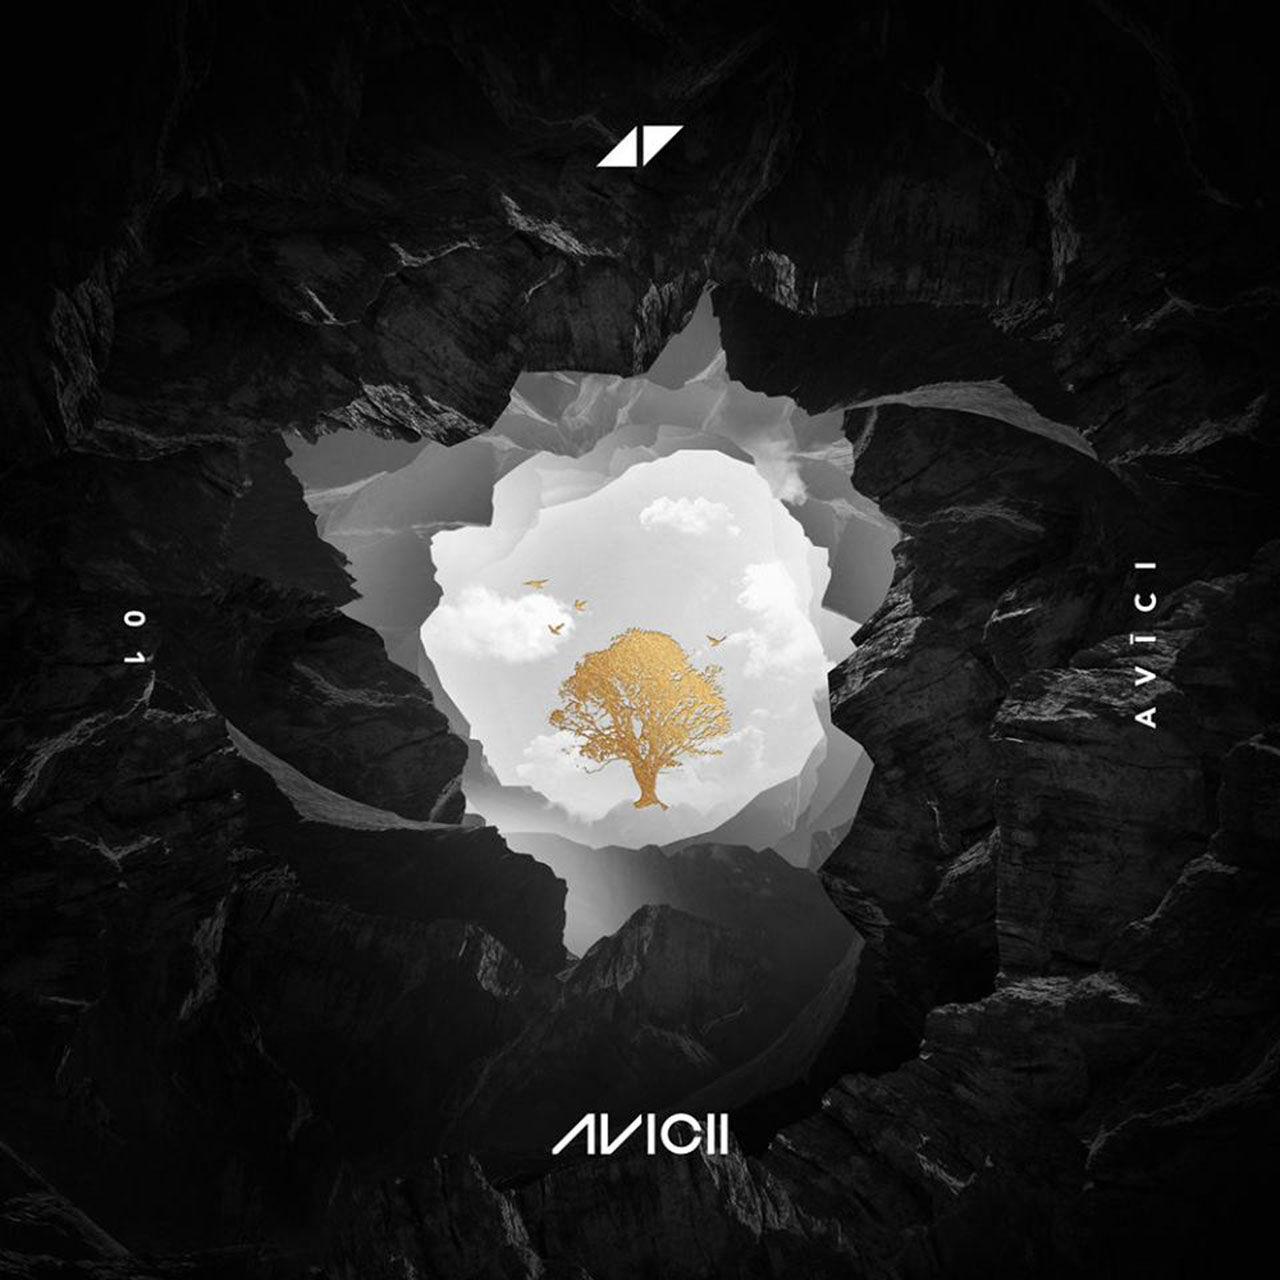 Avicii har släppt ny EP